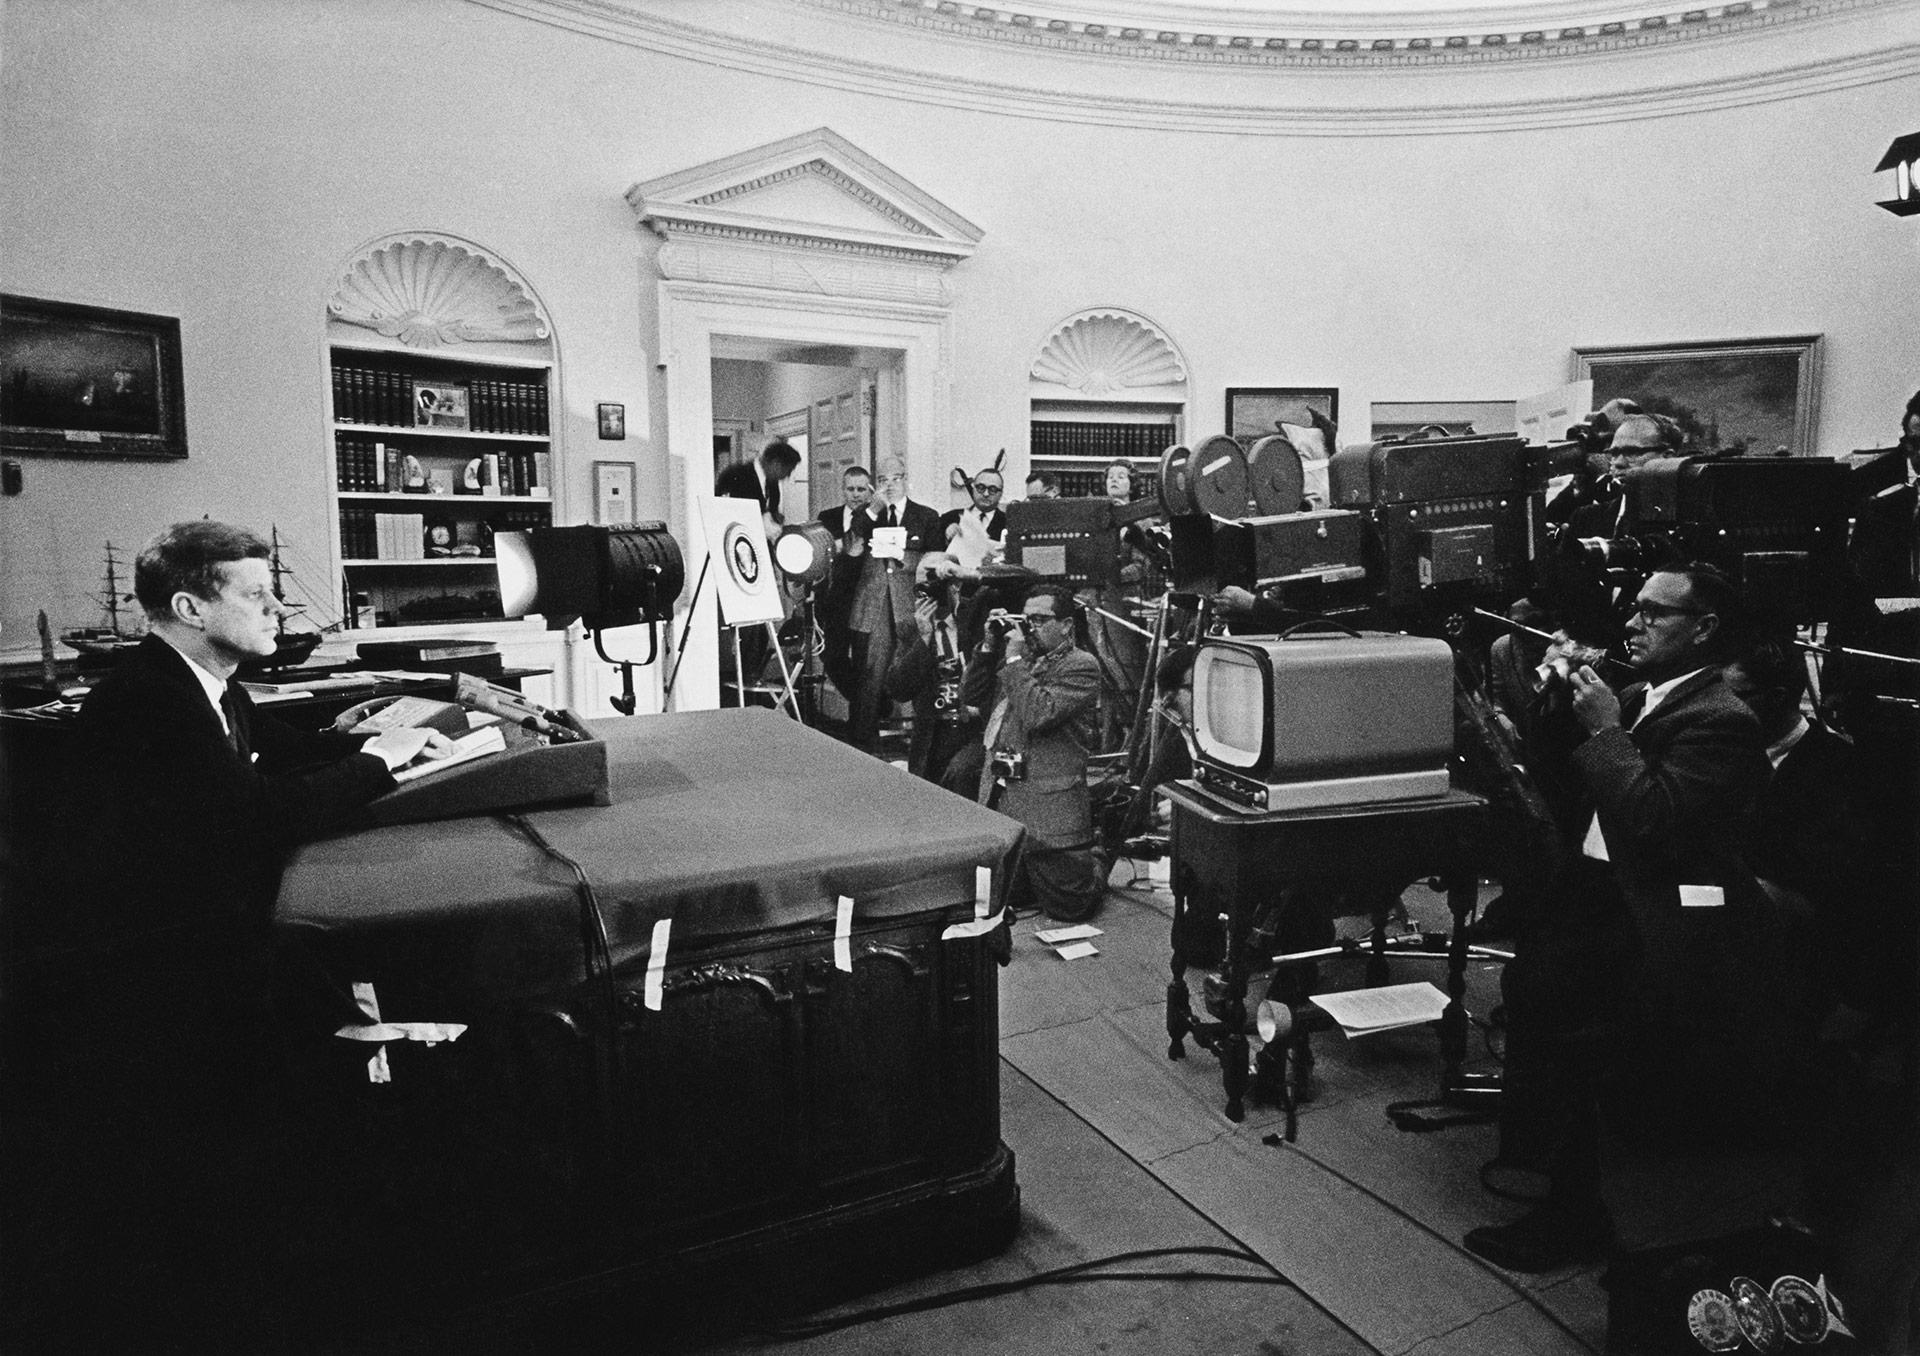 El presidente anuncia el comienzo del bloqueo naval deCuba y advierte a la Unión Soviética que aplicará sanciones, durante la crisis de los misiles en 1962 (Keystone/Getty Images)